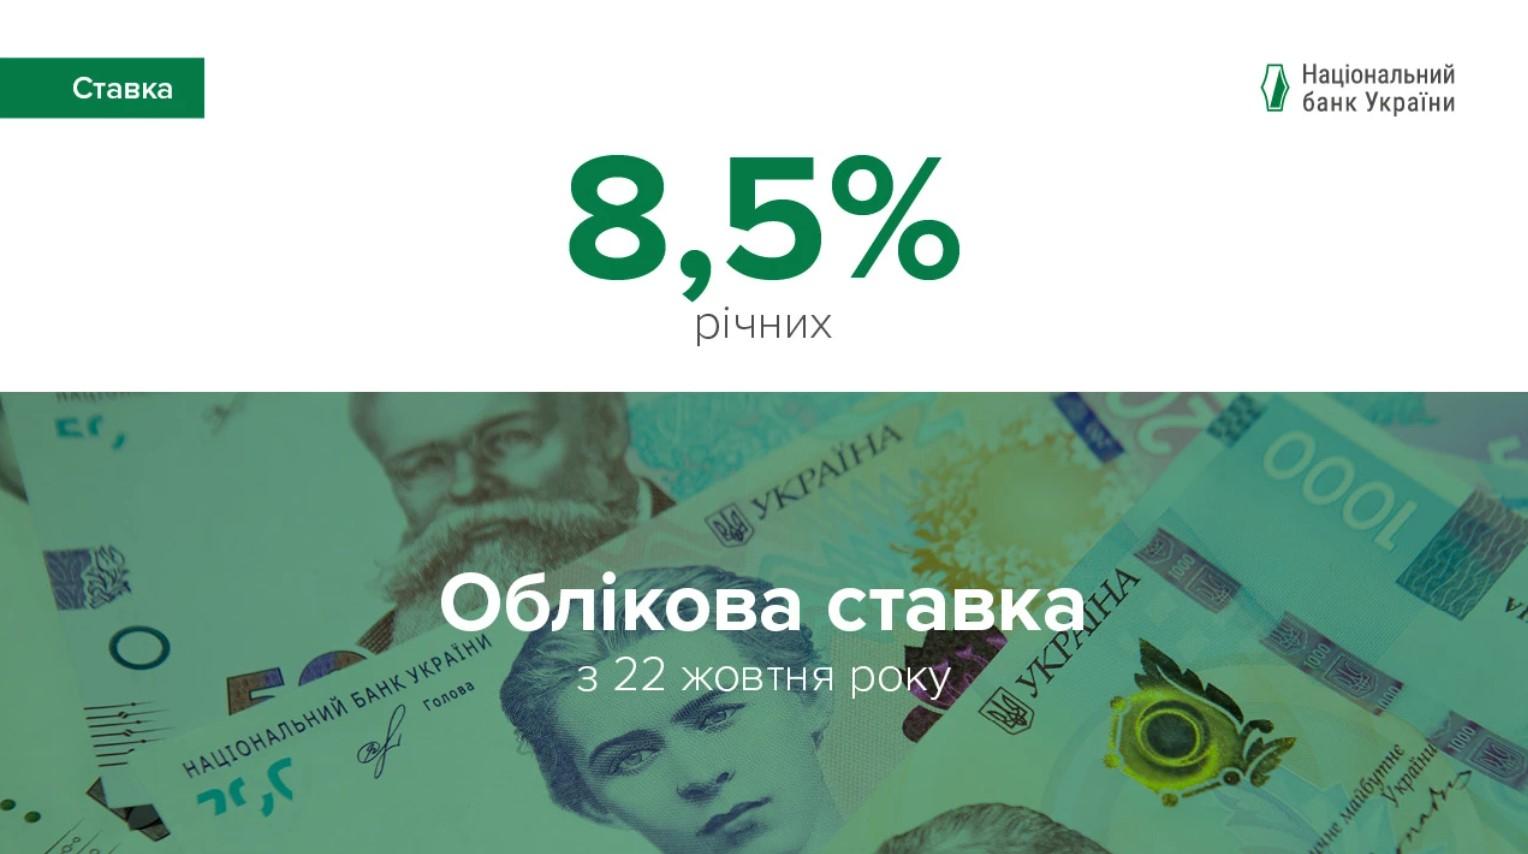 Національний банк України зберіг облікову ставку на рівні 8,5%